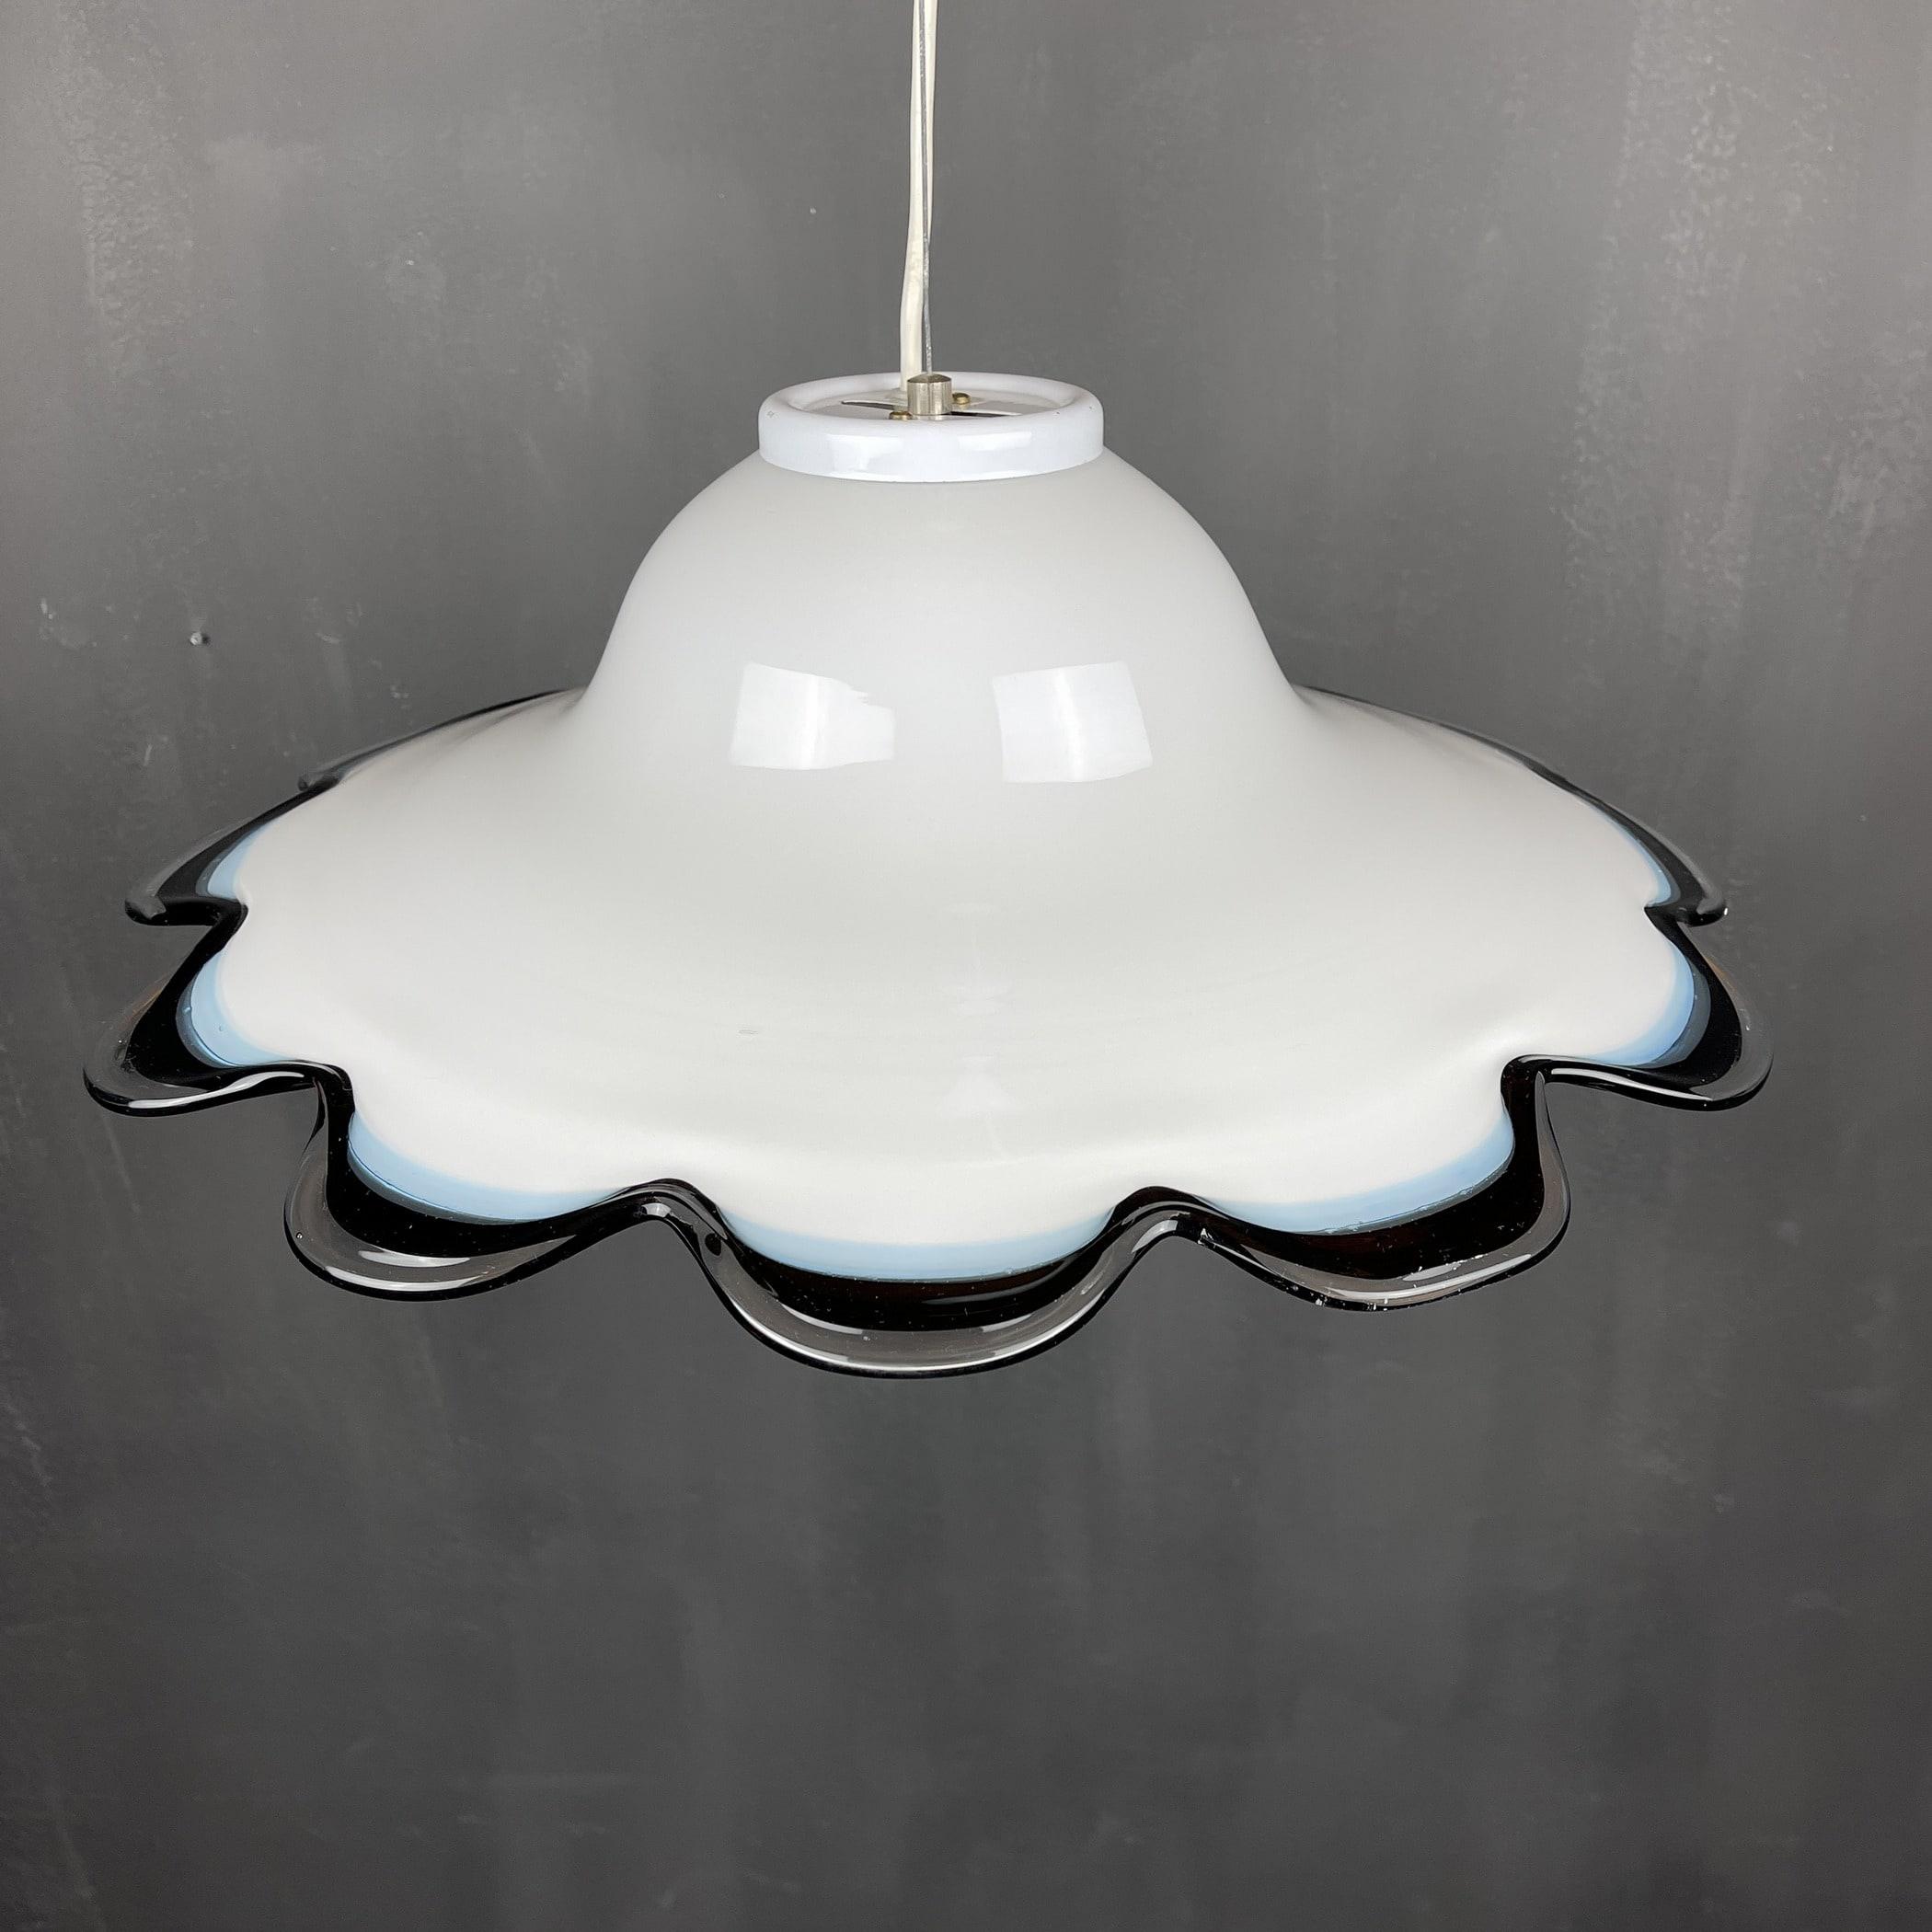 Vintage murano glass flower pendant lamp Italy 1970s White Black